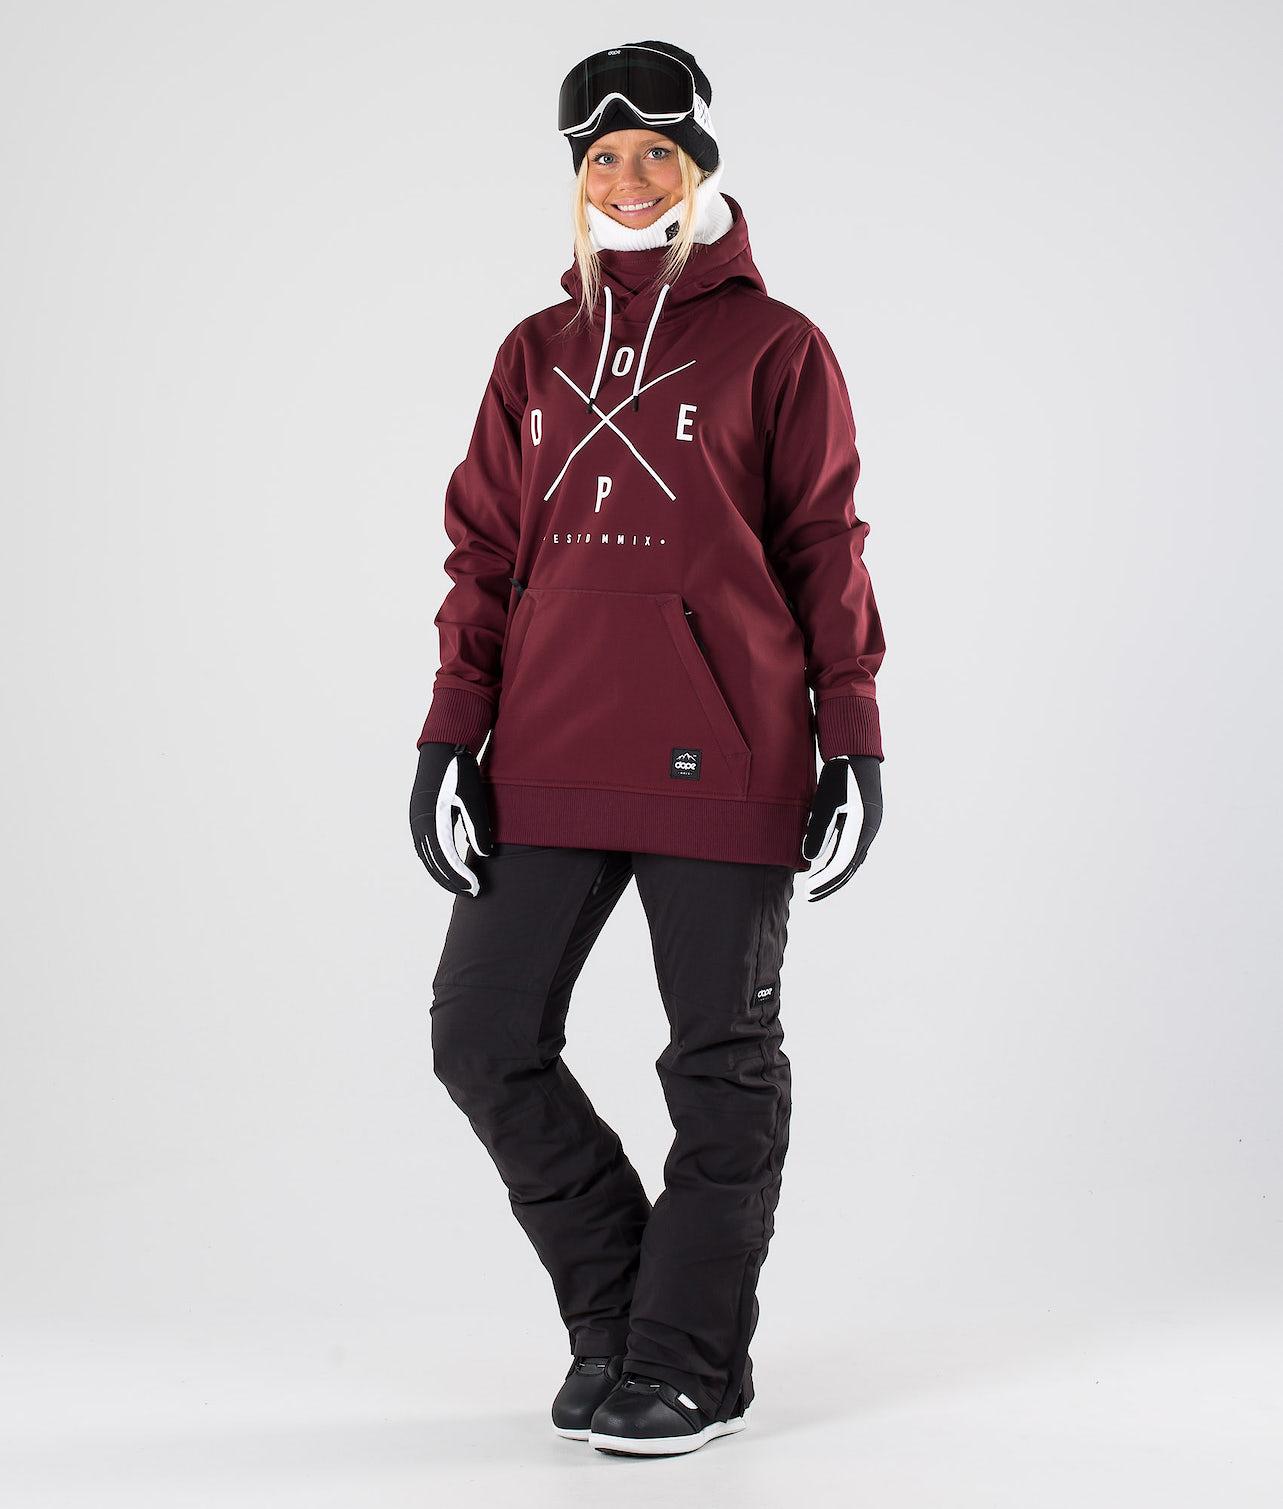 Yeti W   Achète des Veste de Snowboard de chez Dope sur Ridestore.fr   Bien-sûr, les frais de ports sont offerts et les retours gratuits pendant 30 jours !